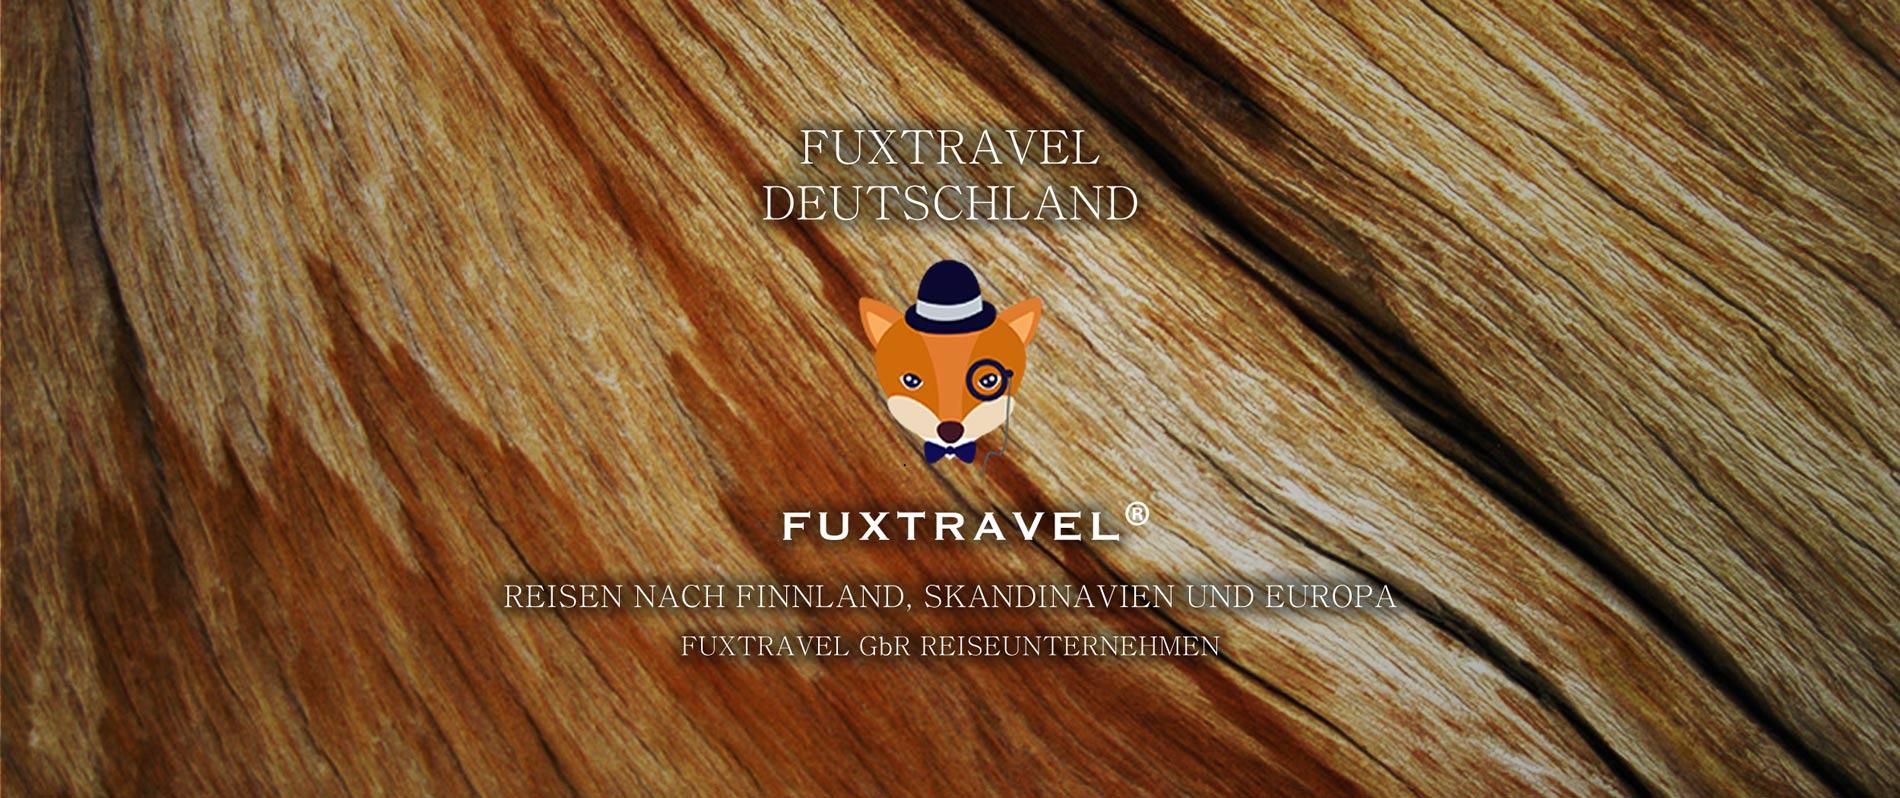 banner_brand_label._fuxtravel.kleiner.sss